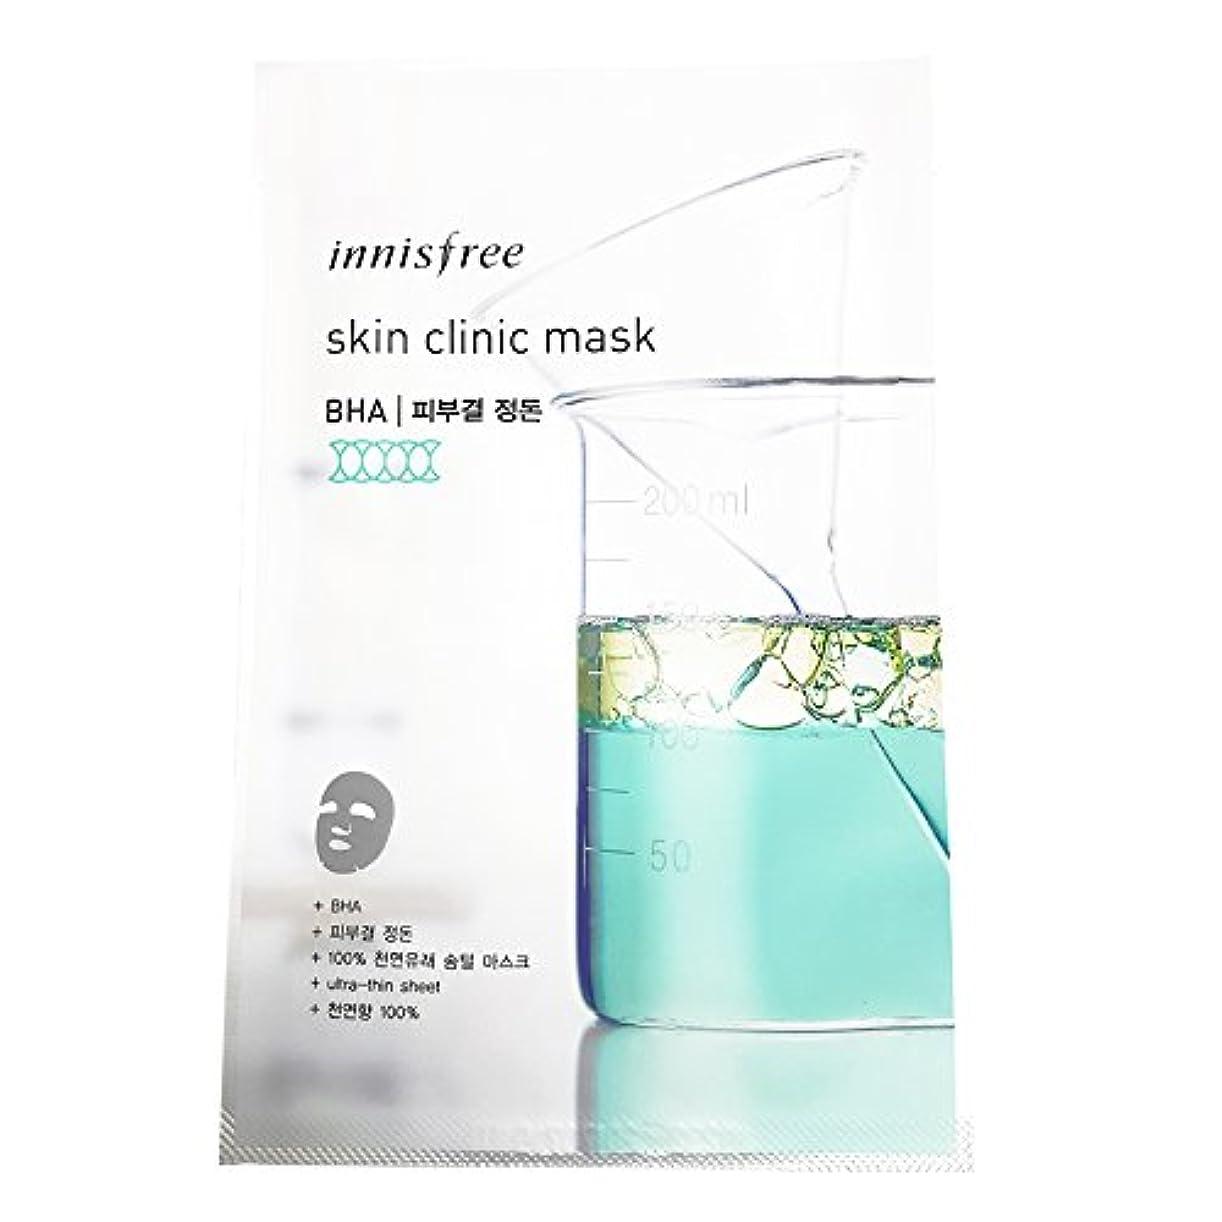 連合治世バースト[イニスプリー] Innisfree スキンクリニックマスク(20ml)-BHA(肌別整頓) Innisfree Skin Clinic Mask(20ml)-BHA [海外直送品]